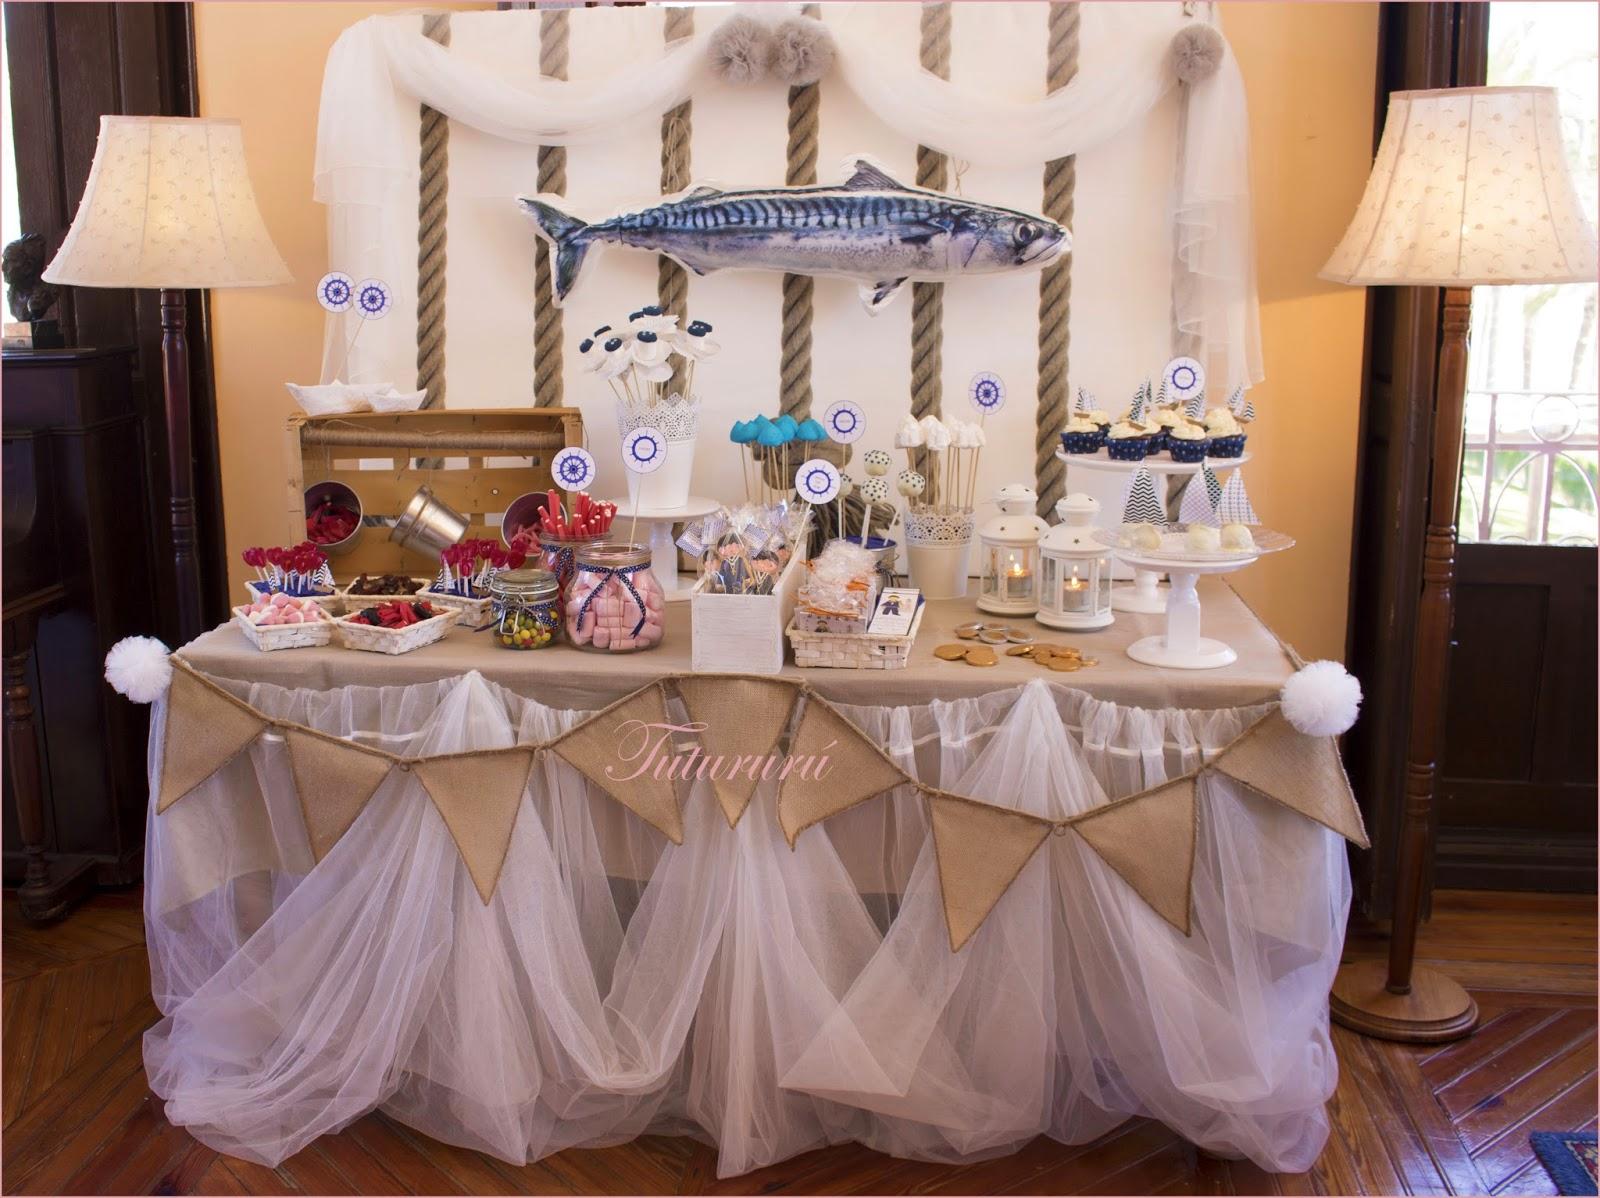 Tuturur mesas dulces - Preparar mesa dulce para comunion ...